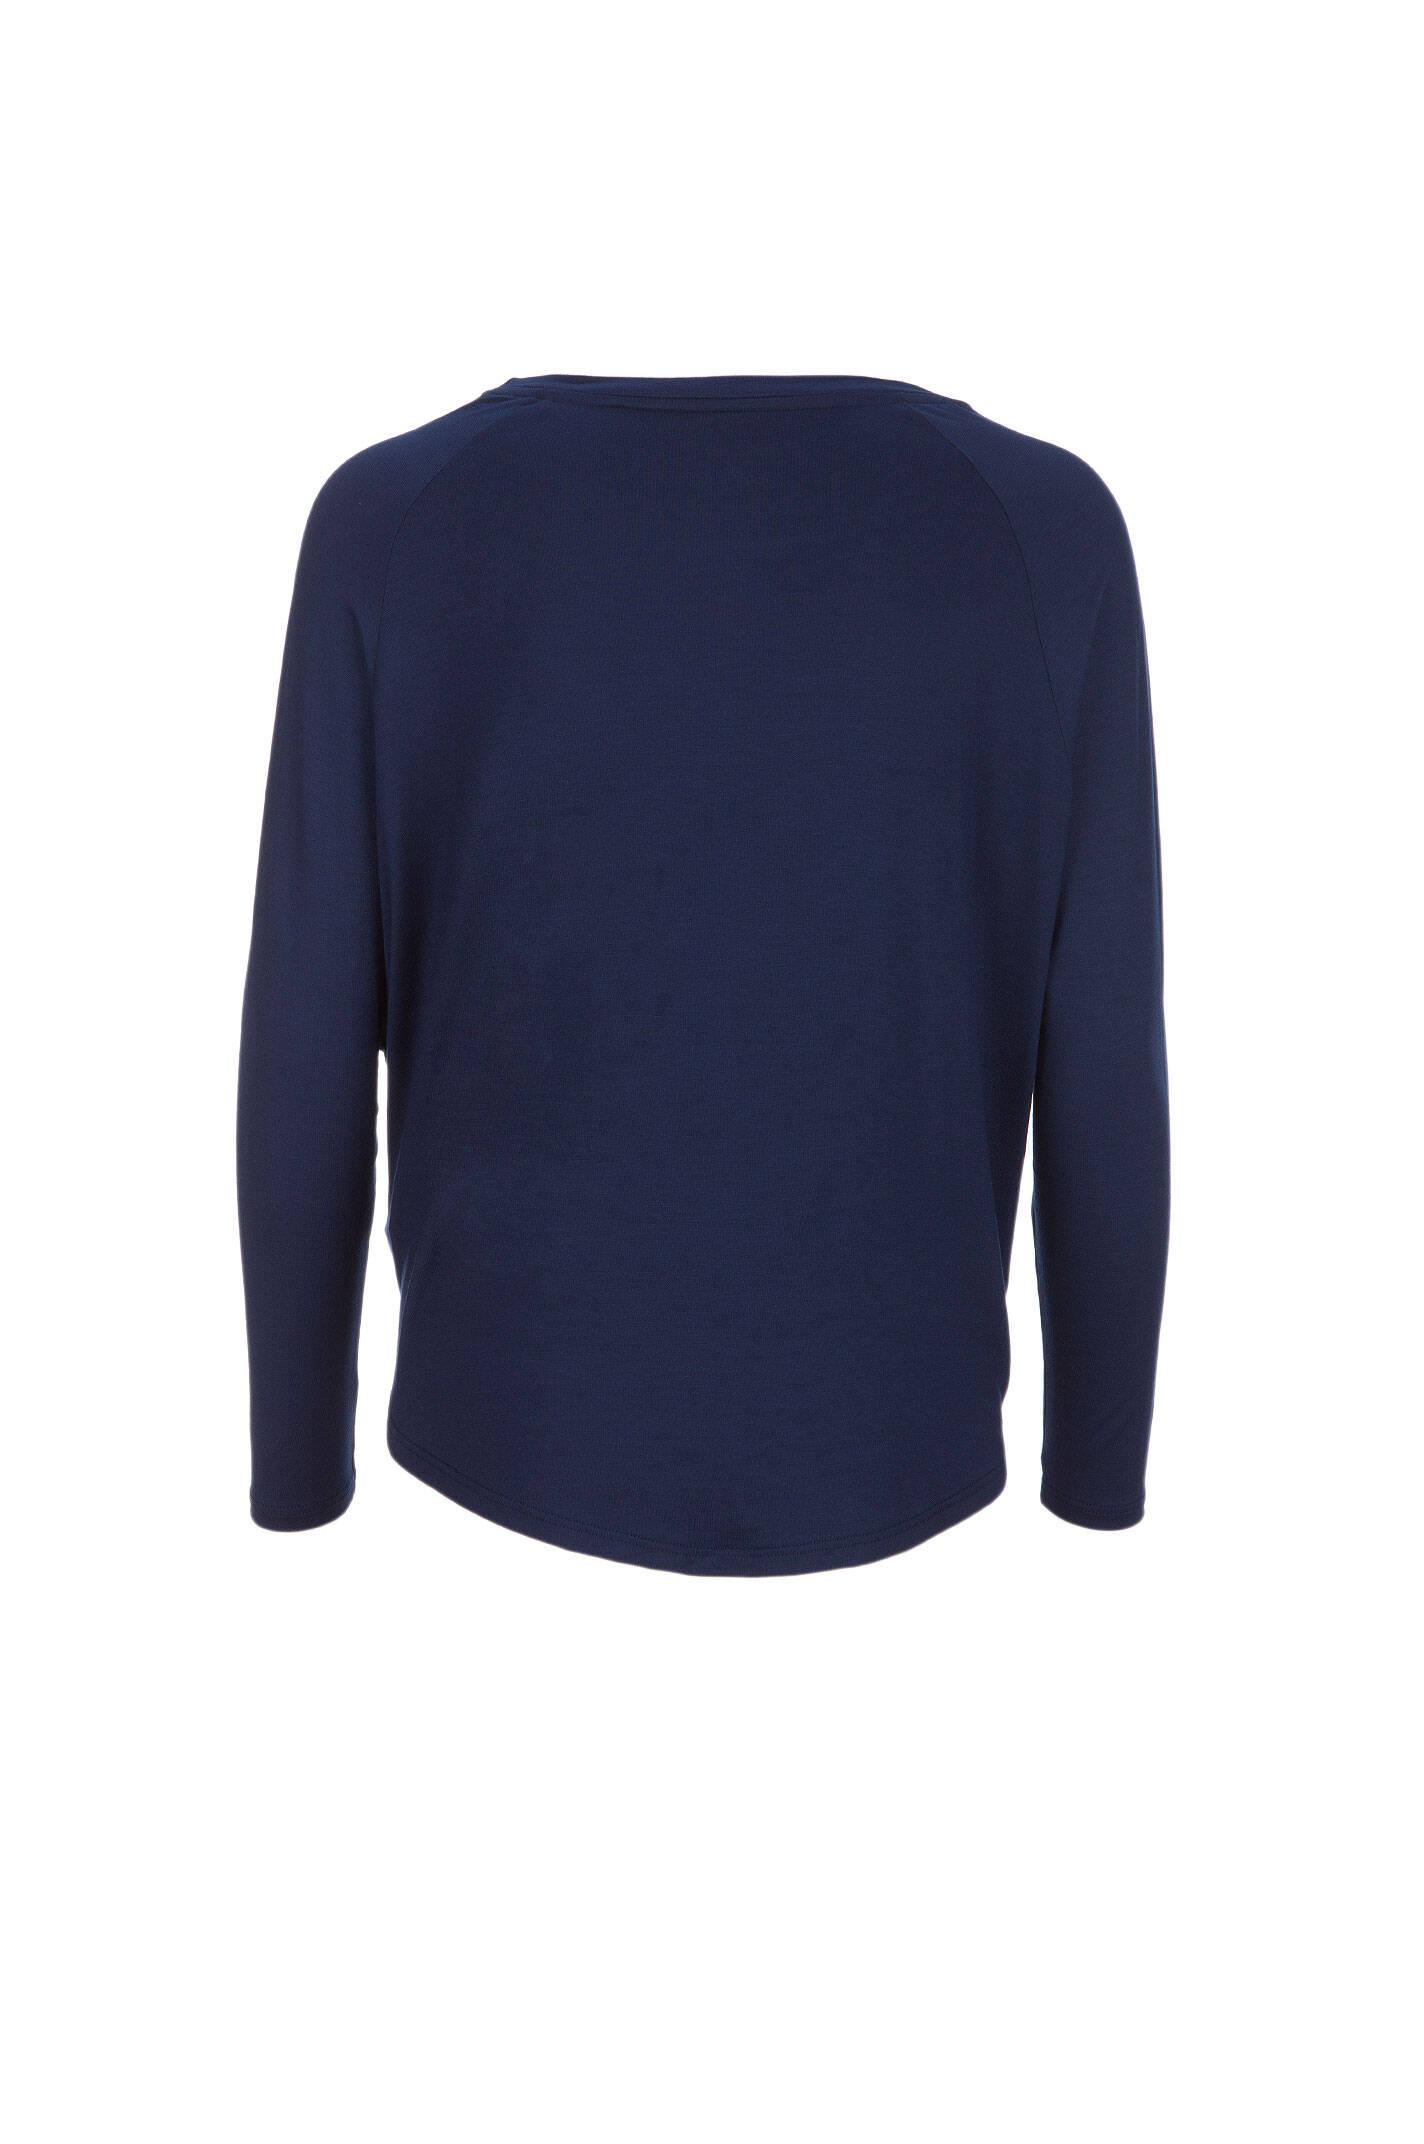 tommy hilfiger blouses long sleeved blouse. Black Bedroom Furniture Sets. Home Design Ideas